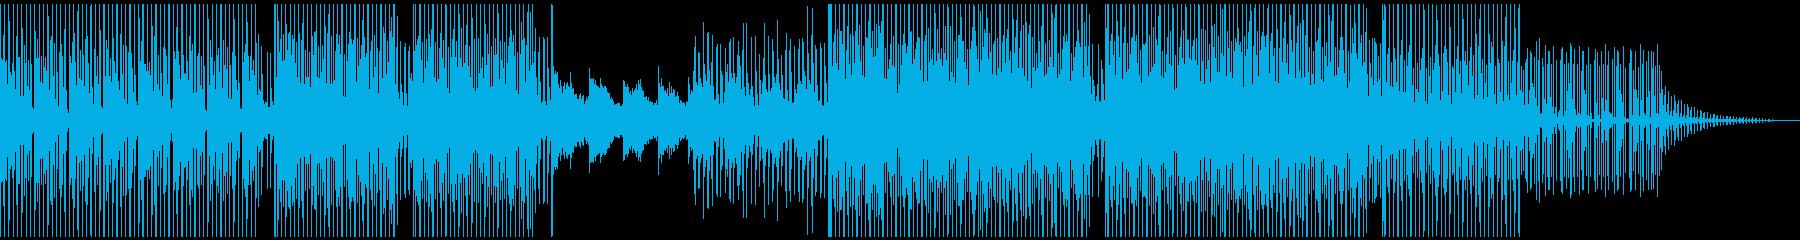 落ち着いたミニマルテクノの再生済みの波形